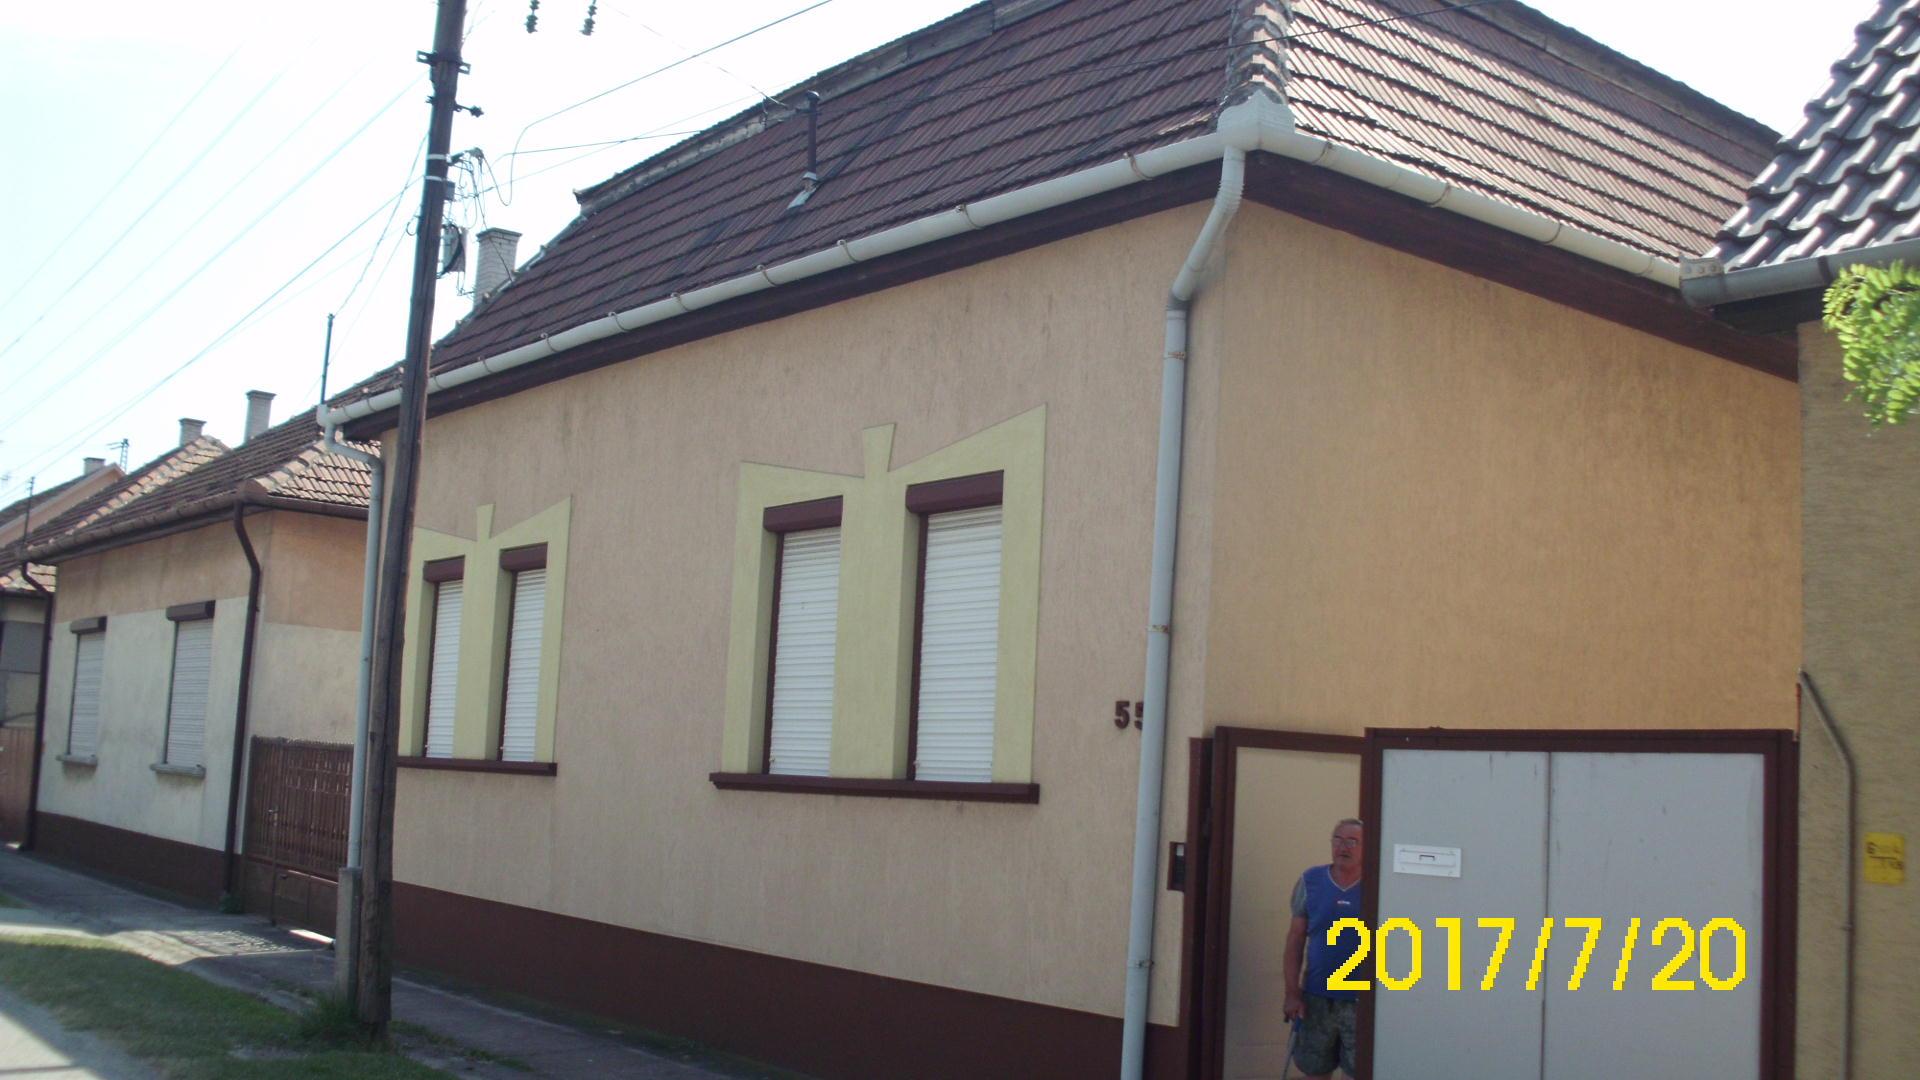 Kiskunhalas, Batthyány utcában két lakrészes, alápincézett családi ház melléképületekkel